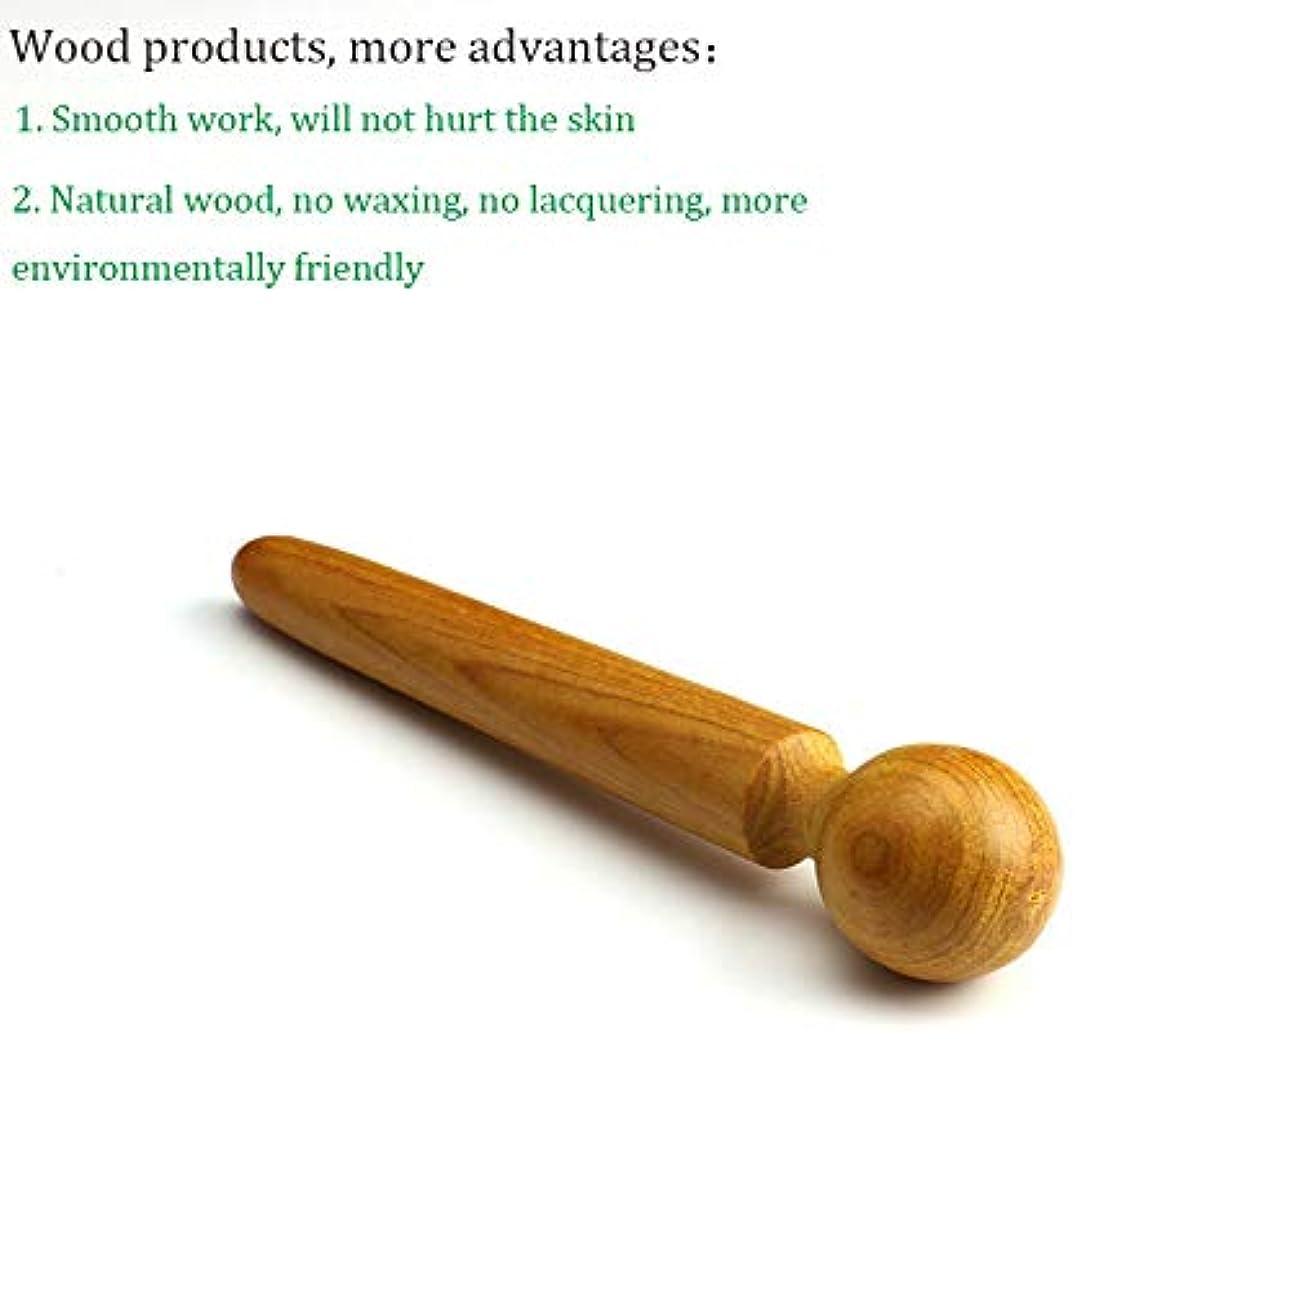 率直な寛大さ曲げるDC 木製マッサージャー 木製フットポイントスティック 鍼治療ポイントロッドSPAボディフットマッサージツール 疲労緩和